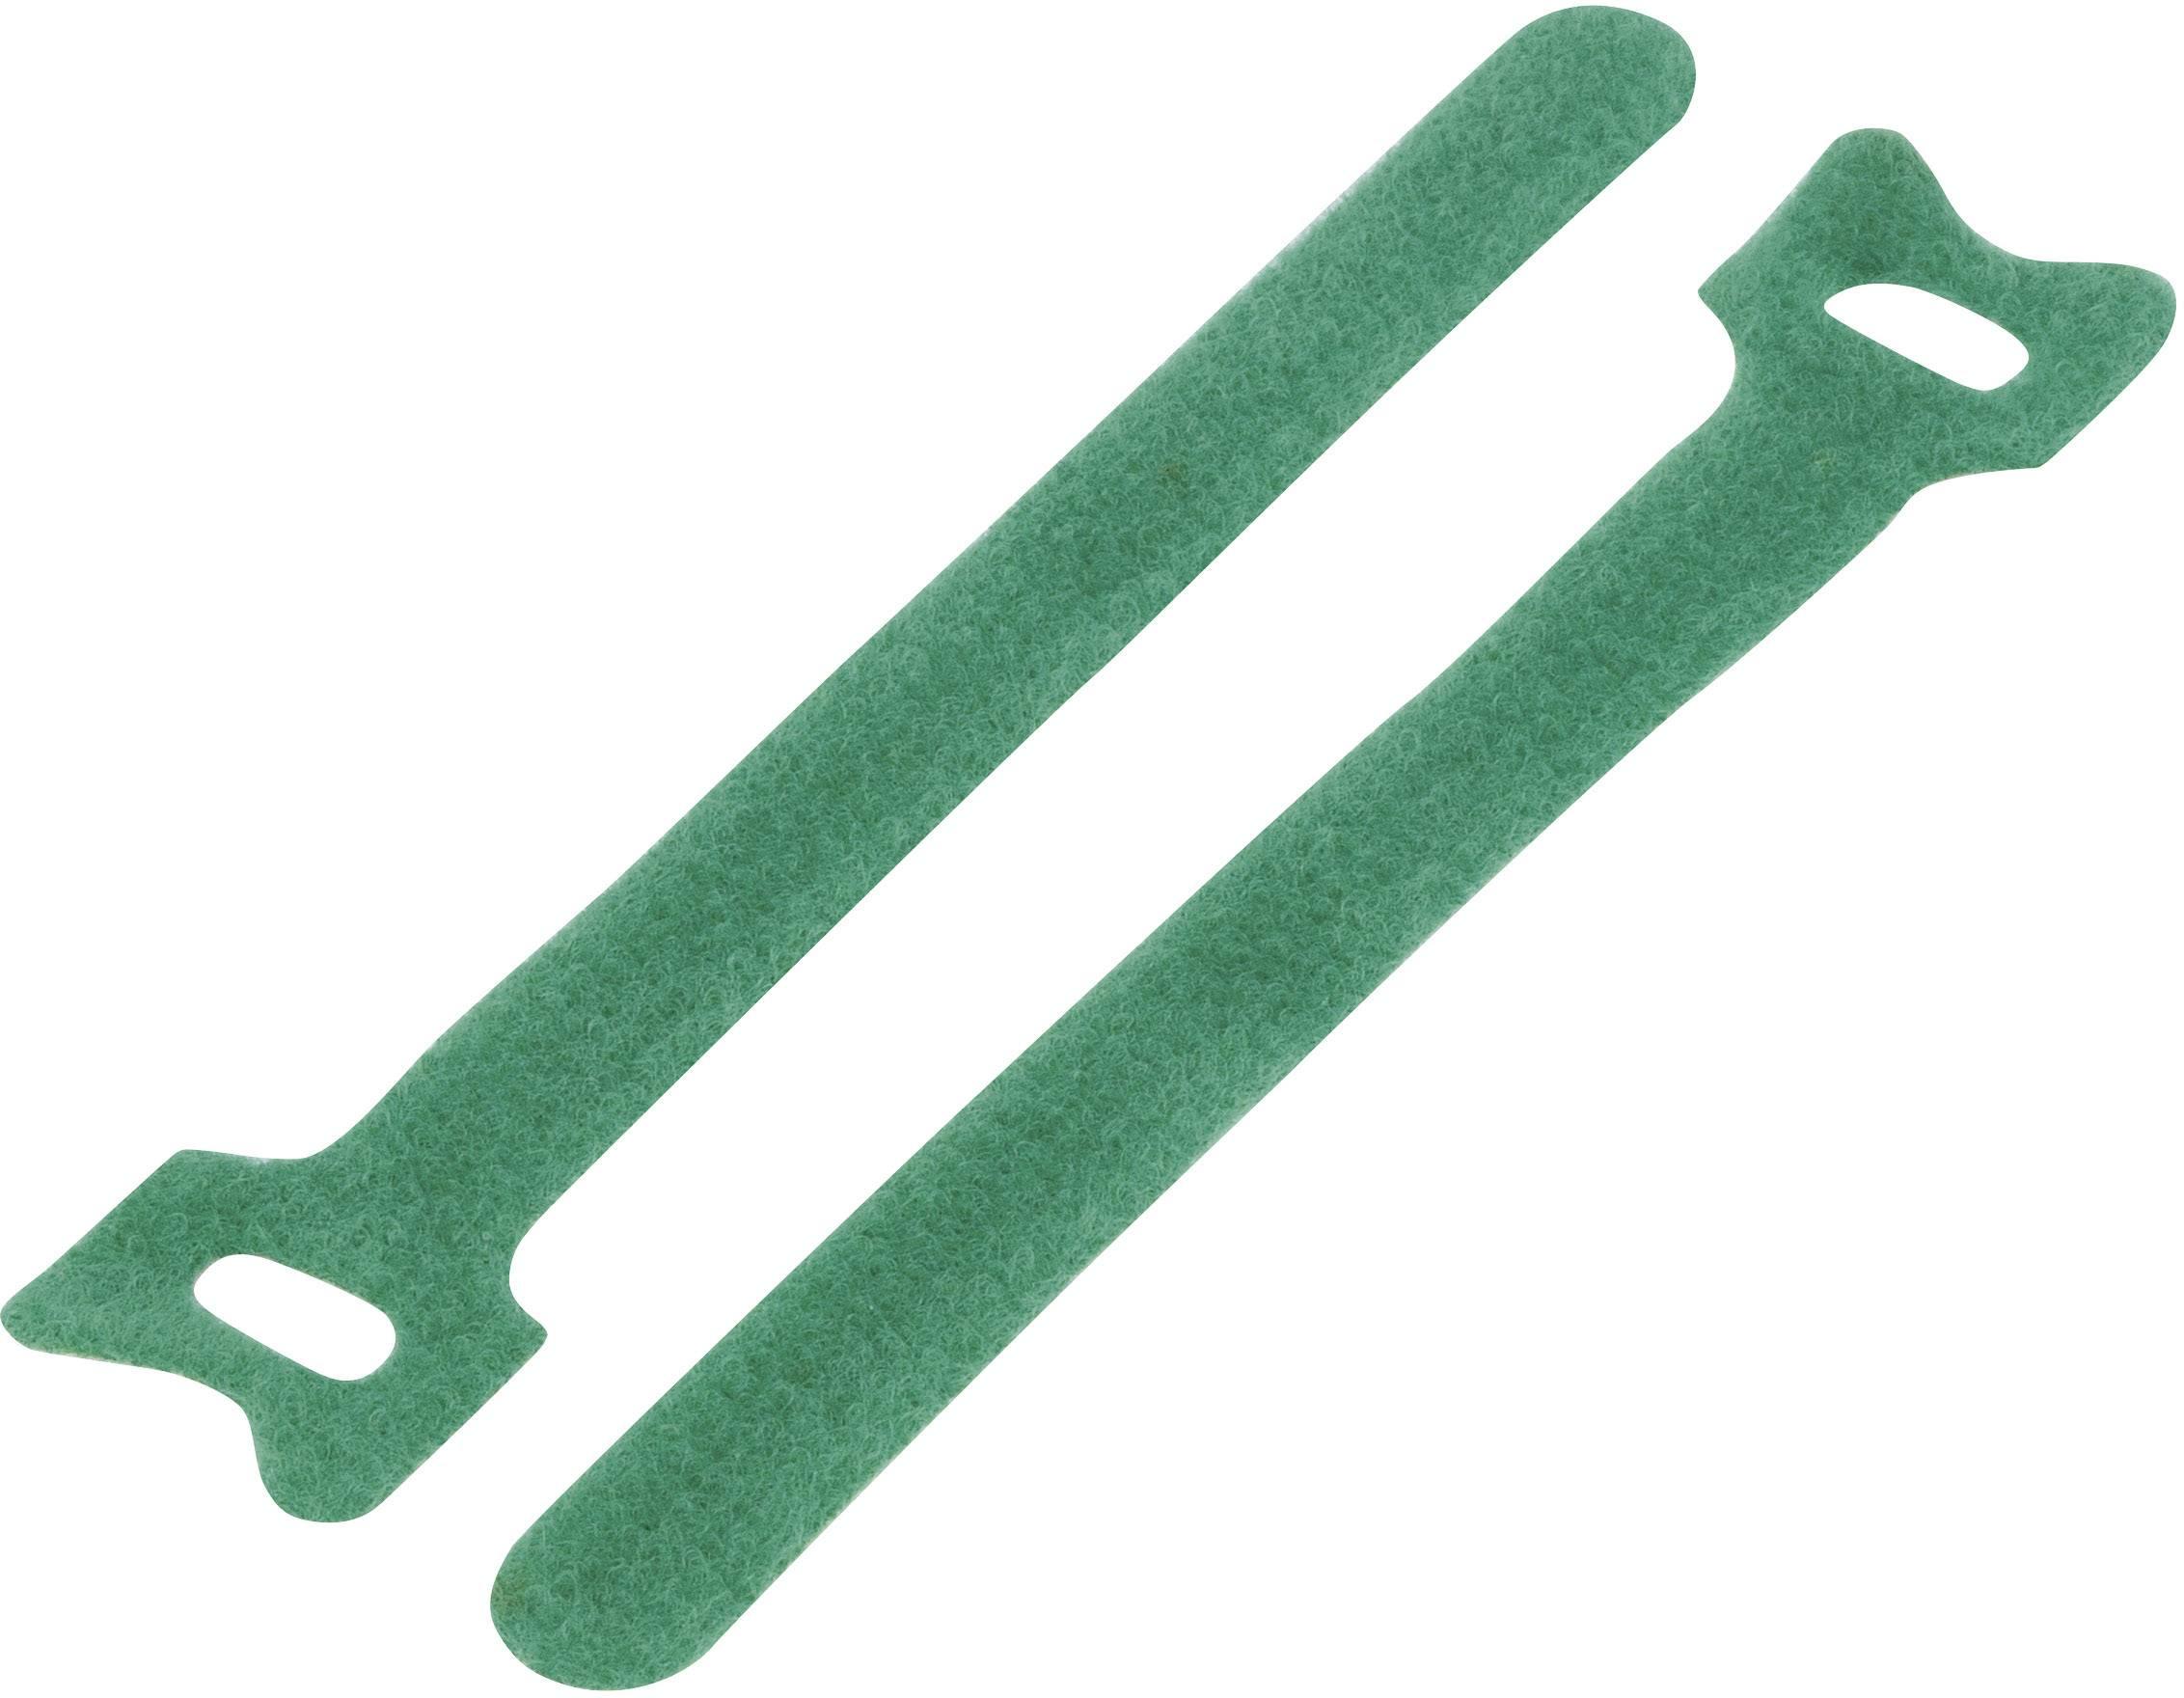 Káblový manažér na suchý zips TRU COMPONENTS TC-MGT-125GN203, (d x š) 125 mm x 12 mm, zelená, 1 ks